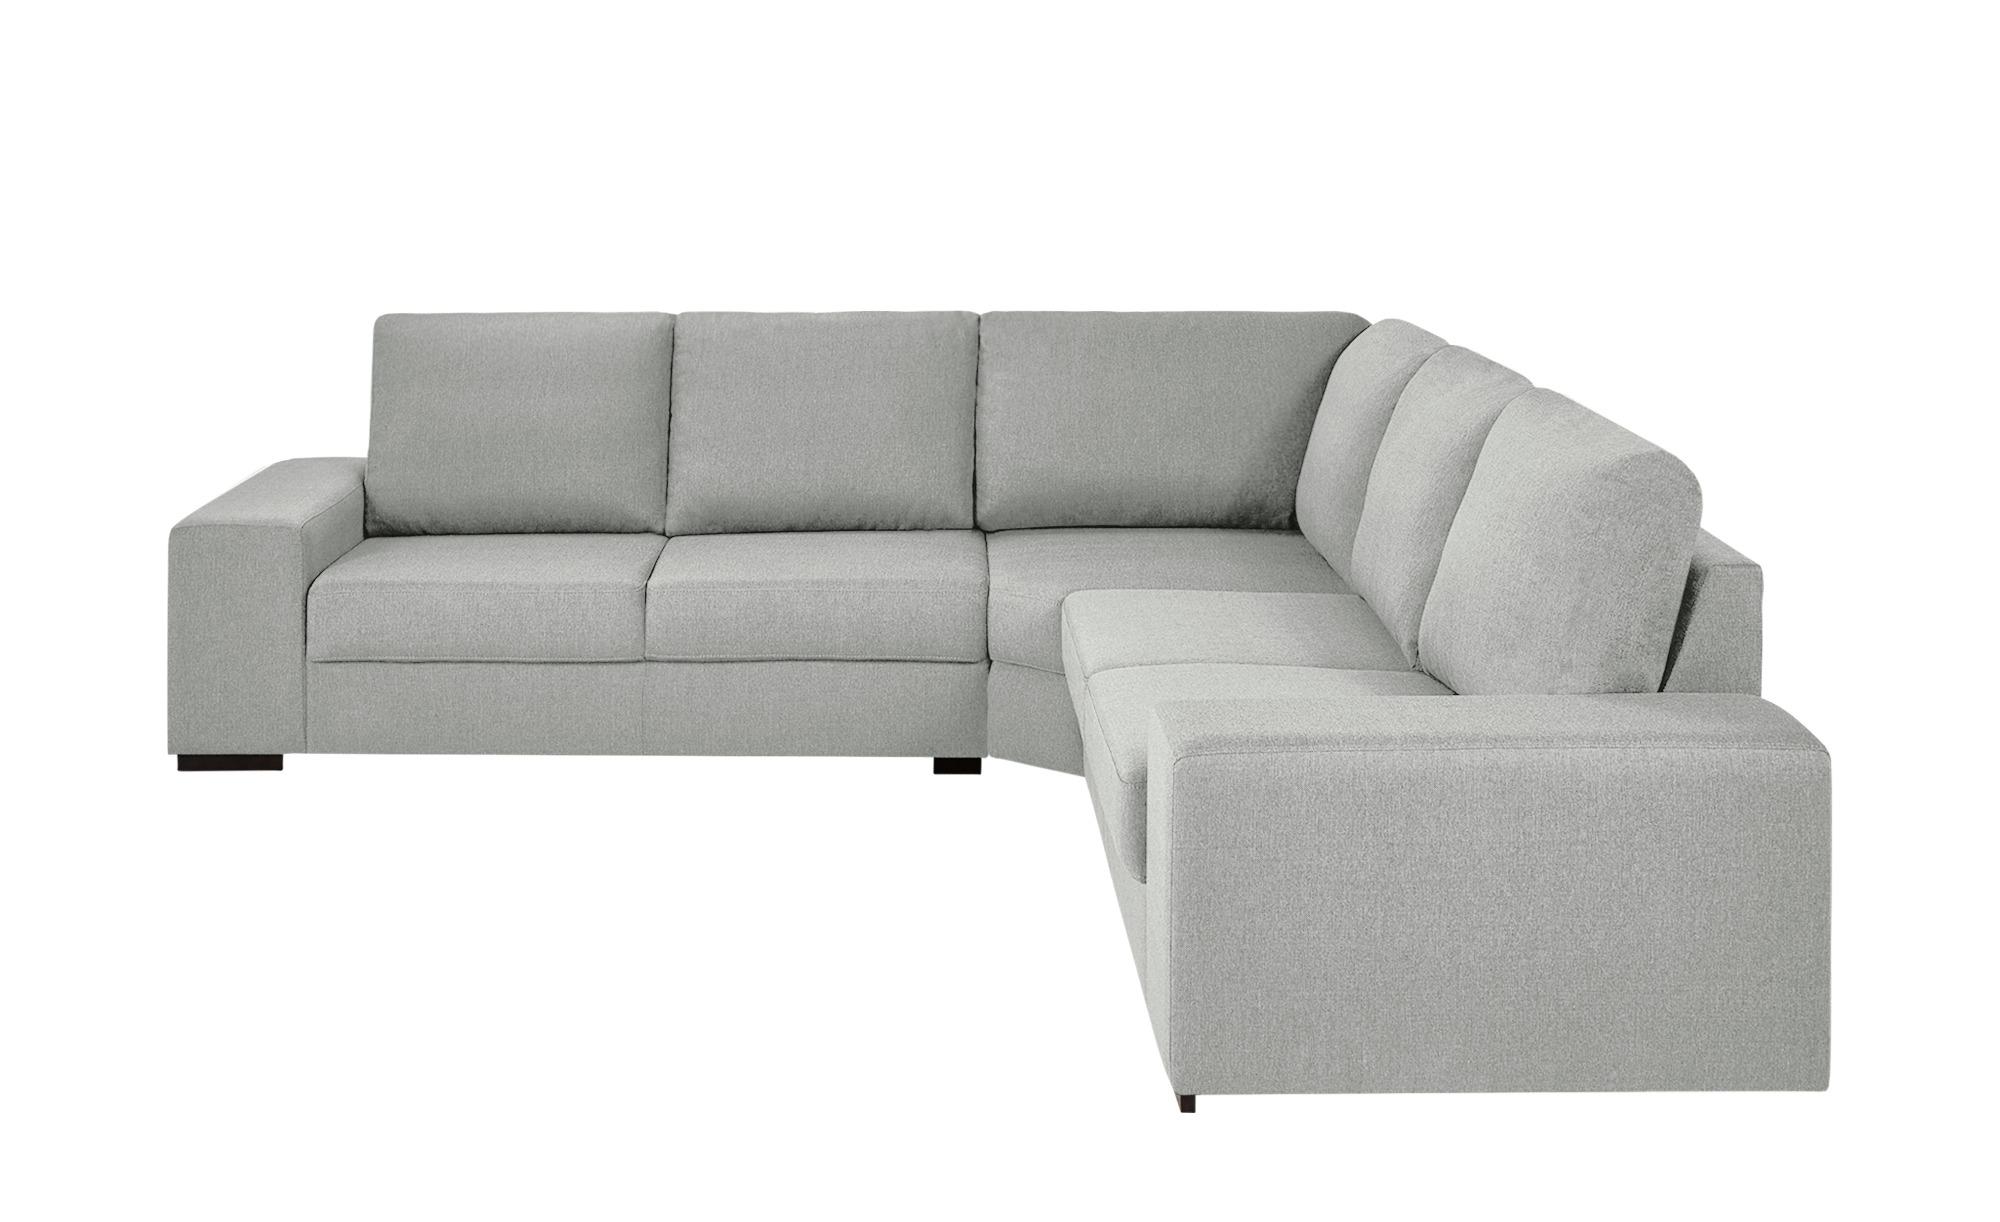 Ecksofa rene breite h he 90 cm grau online kaufen bei for Ecksofa breite 200 cm